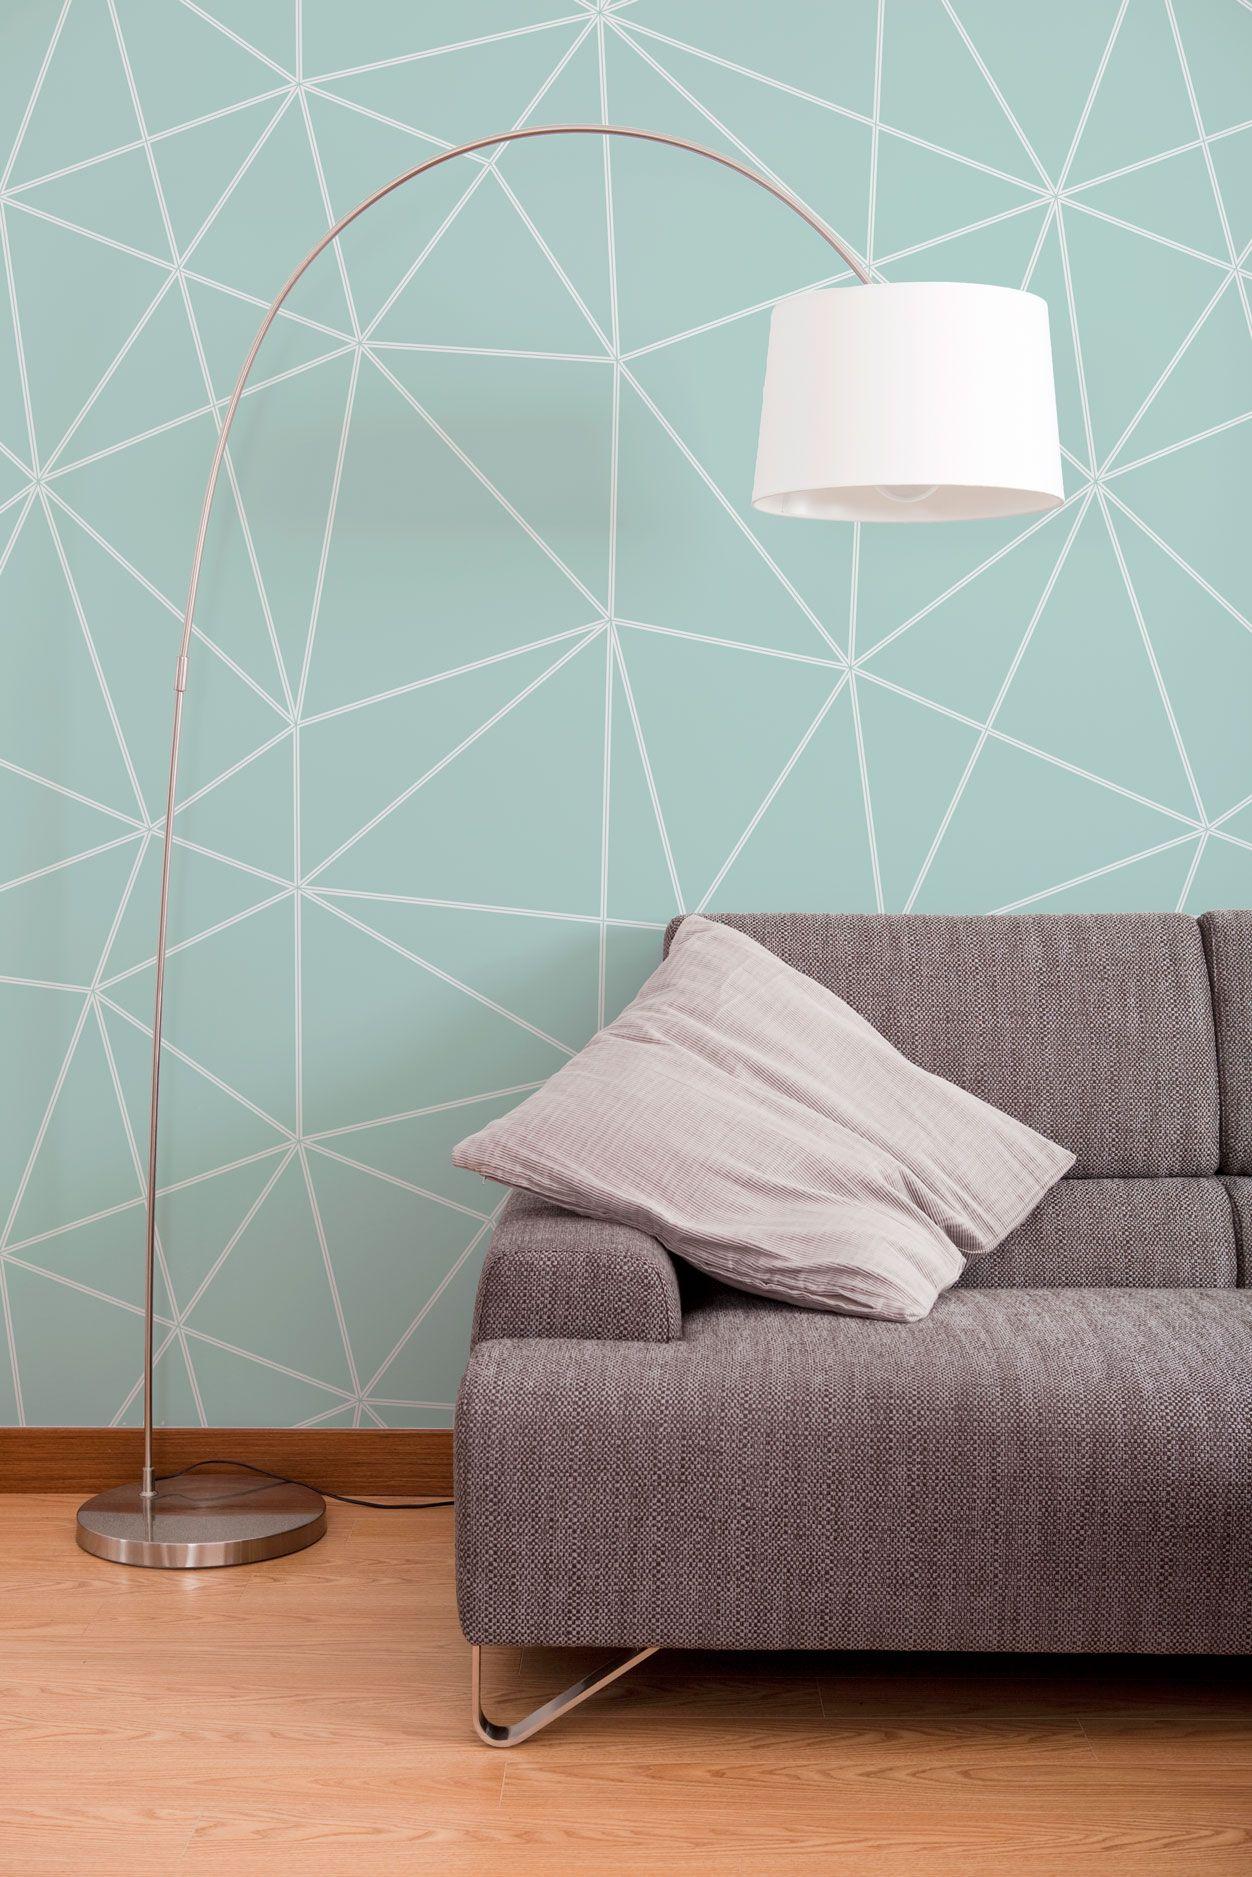 design behangpapier - Google zoeken | Ideeën voor het huis ...